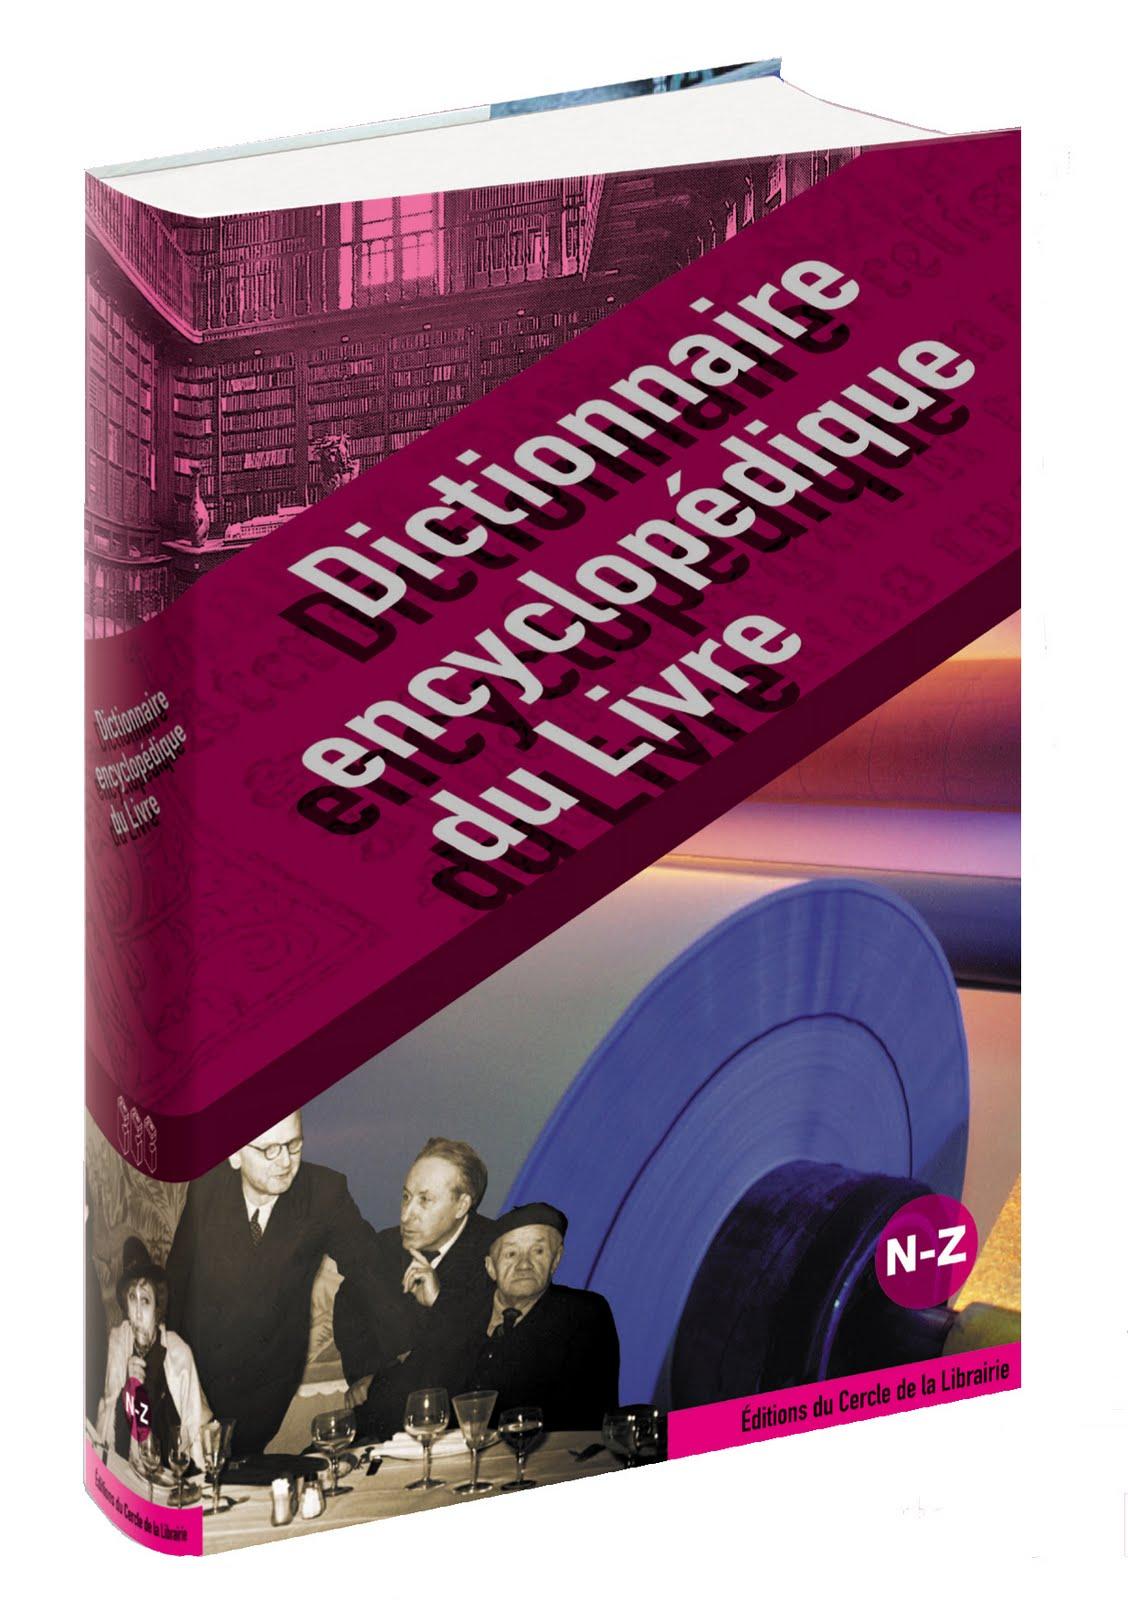 <em>Dictionnaire encyclopédique du Livre</em>《书籍百科辞典》